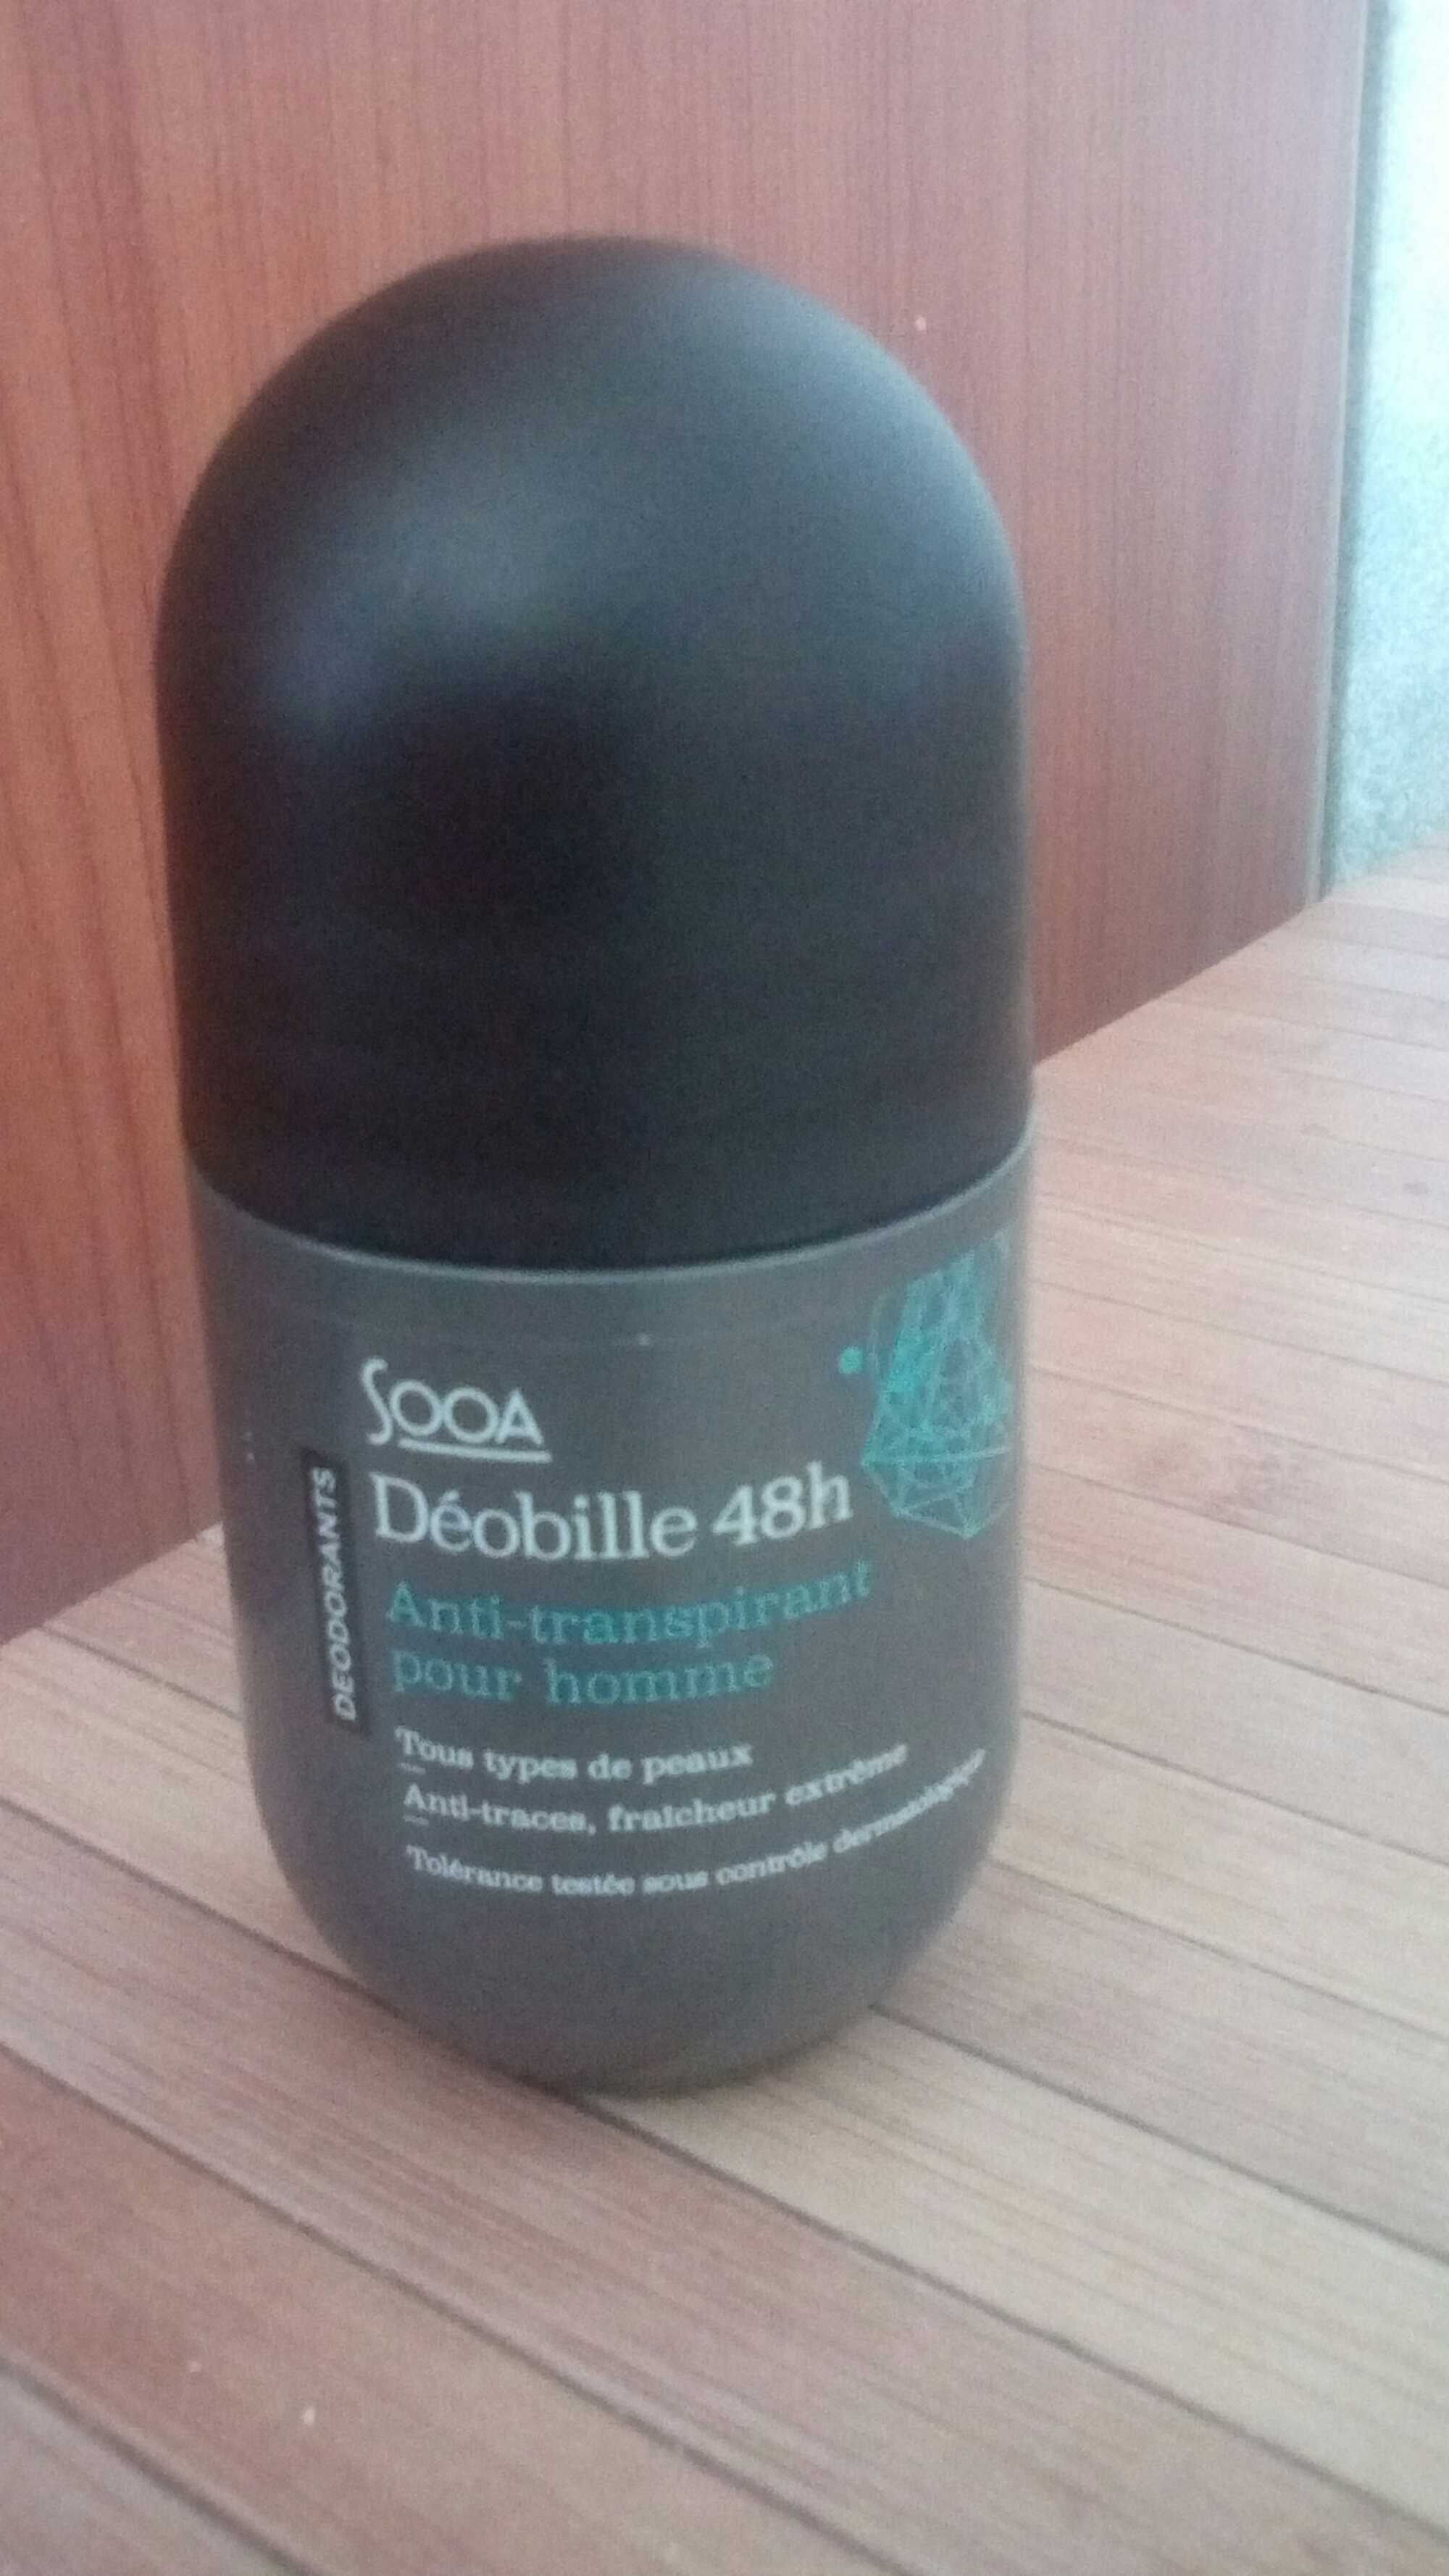 Déobille 48h - Product - fr